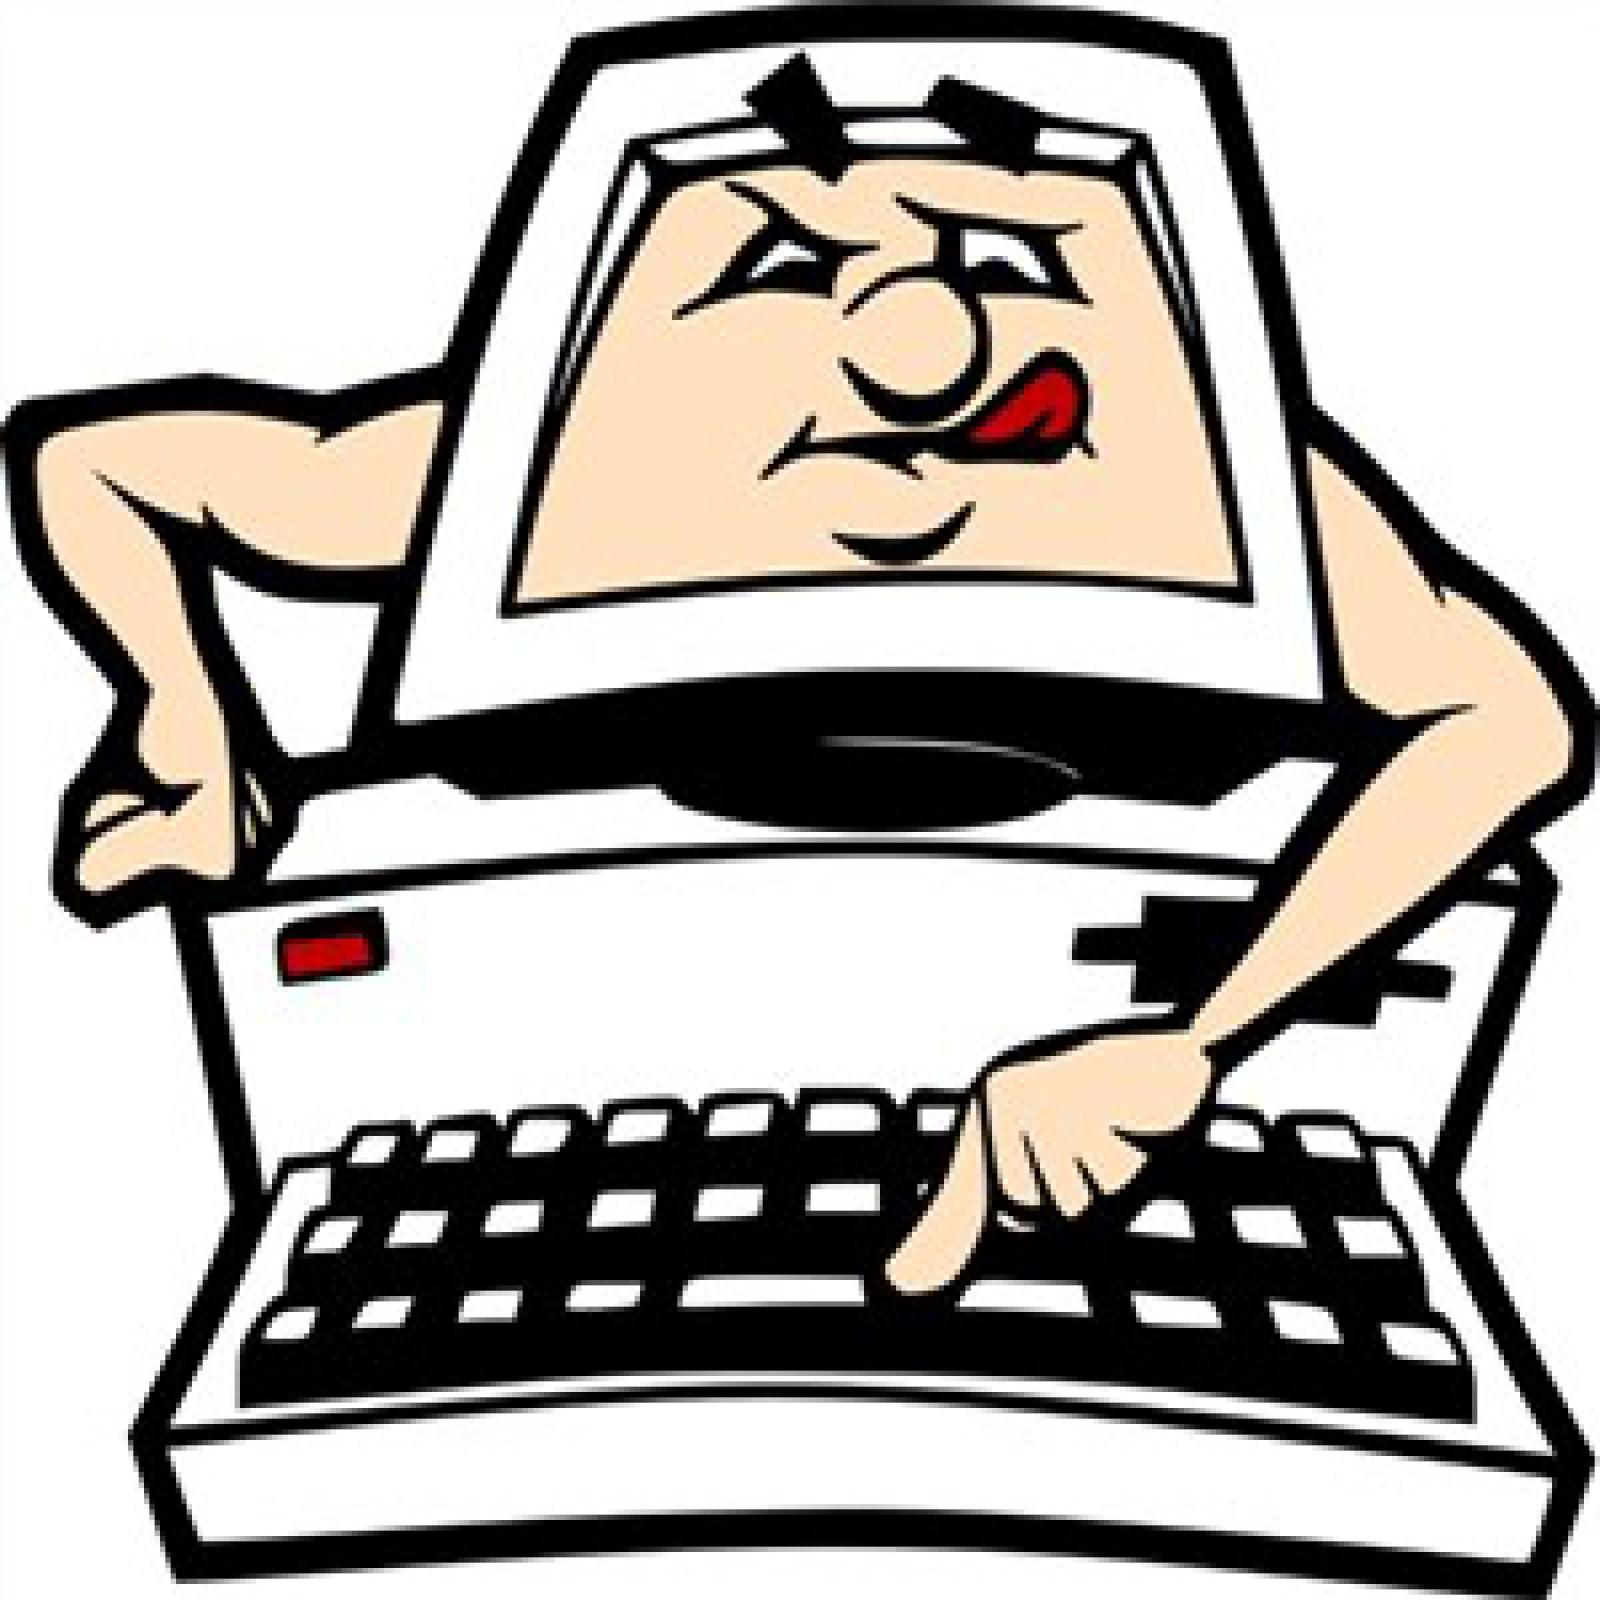 Il ricorso per cassazione depositato telematicamente è improcedibile anche se accettato dal sistema